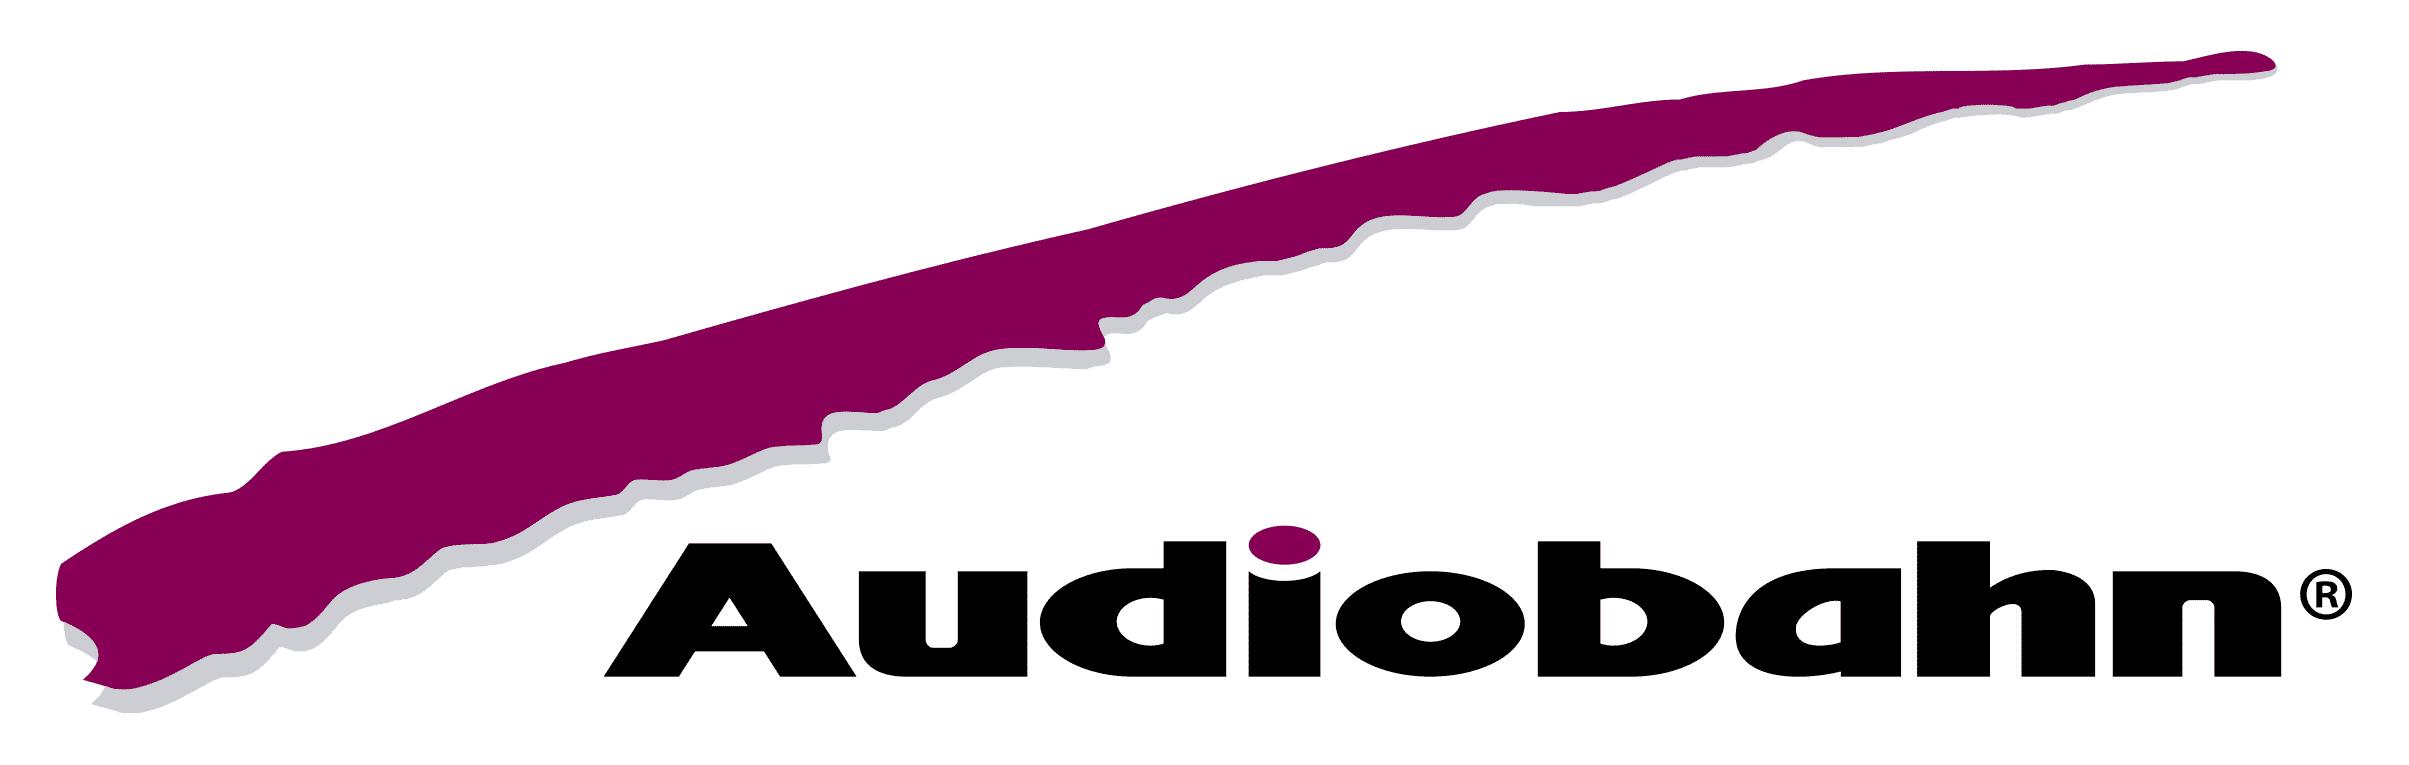 Audiobahn